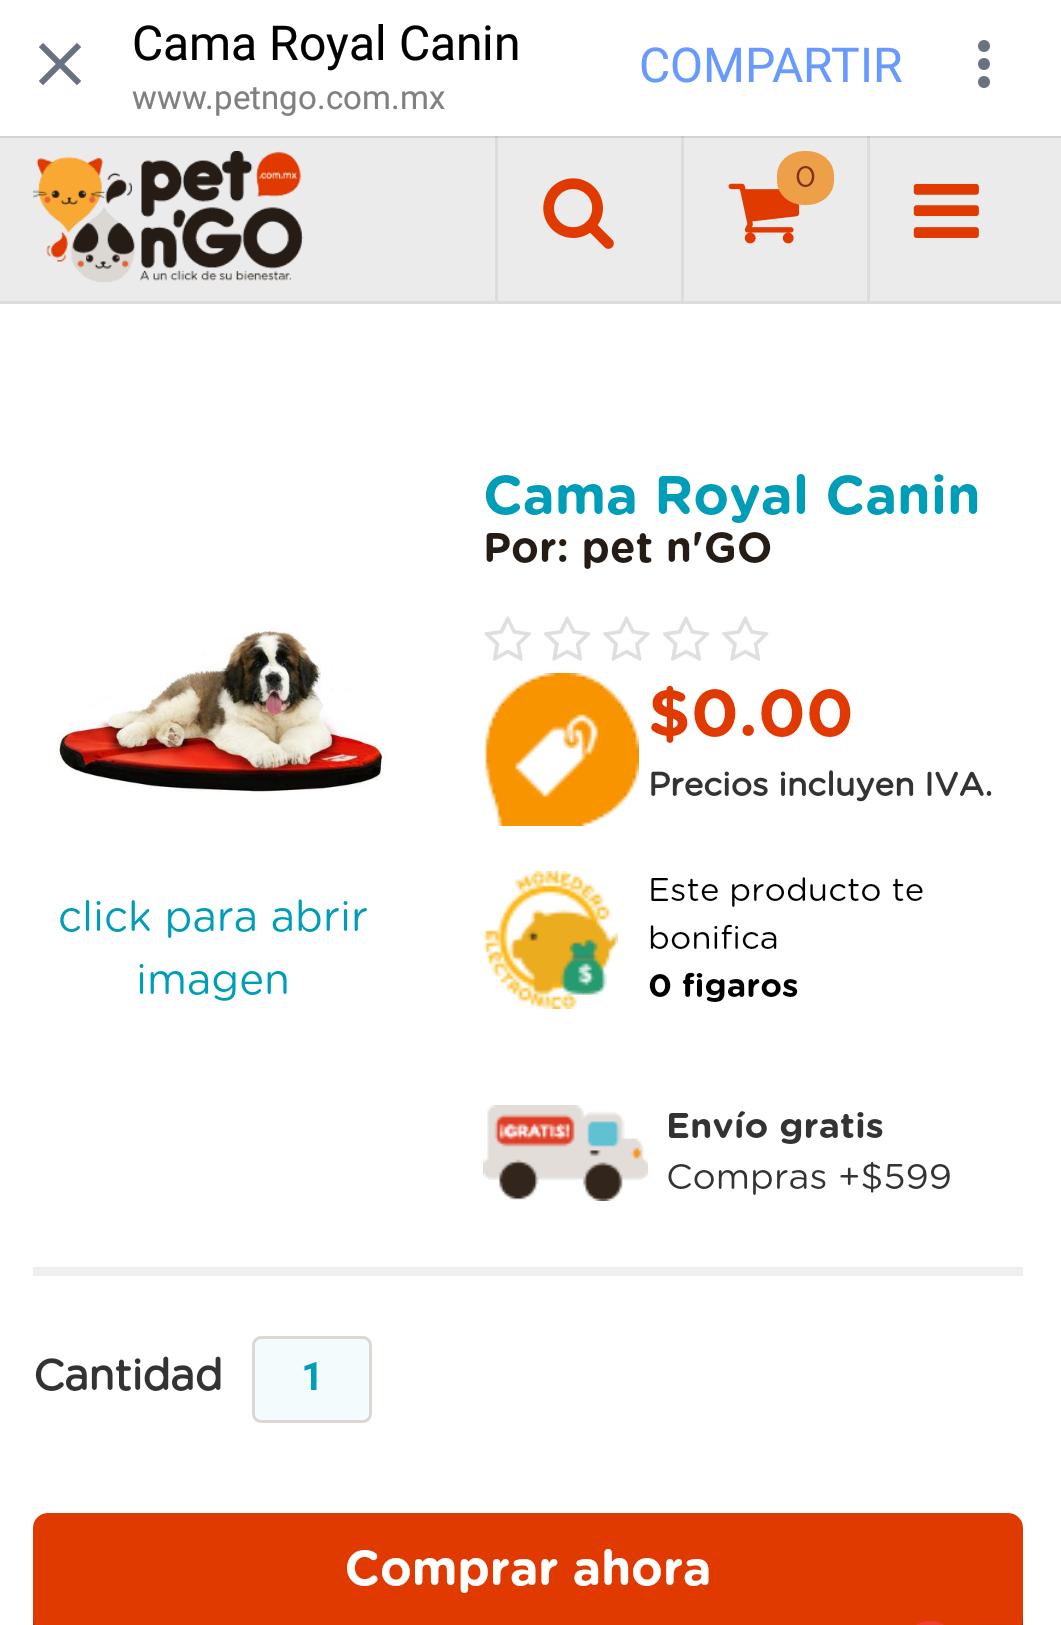 pet n'GO: cama Royal Canin solo pagando envío